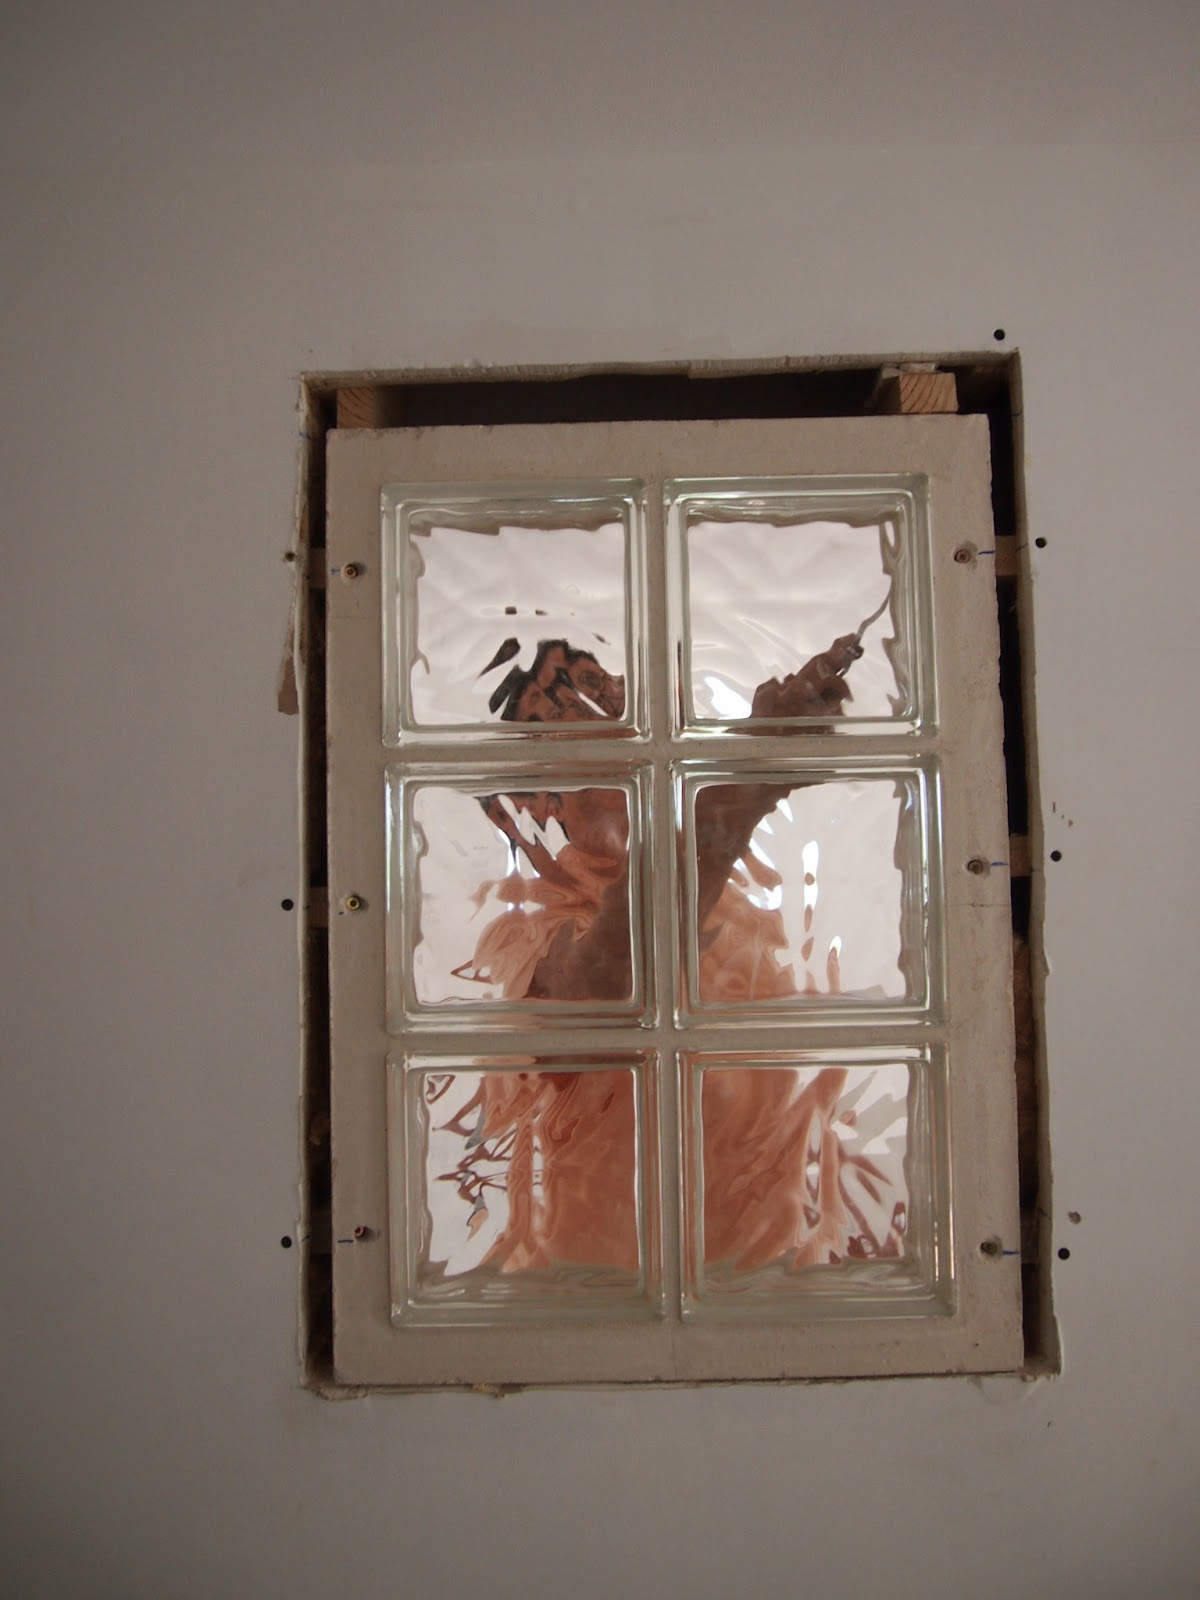 Notre nid au paradis fen tre en brique de verre - Fenetre brique de verre ...